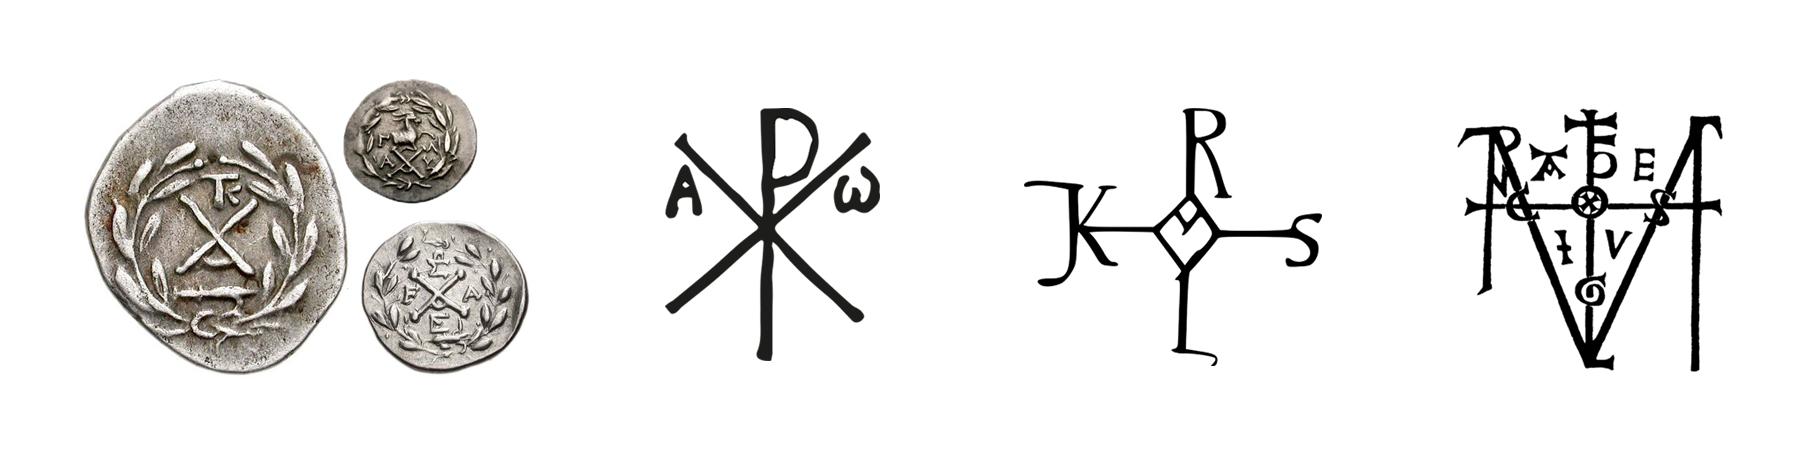 ejemplos de monogramas antiguos